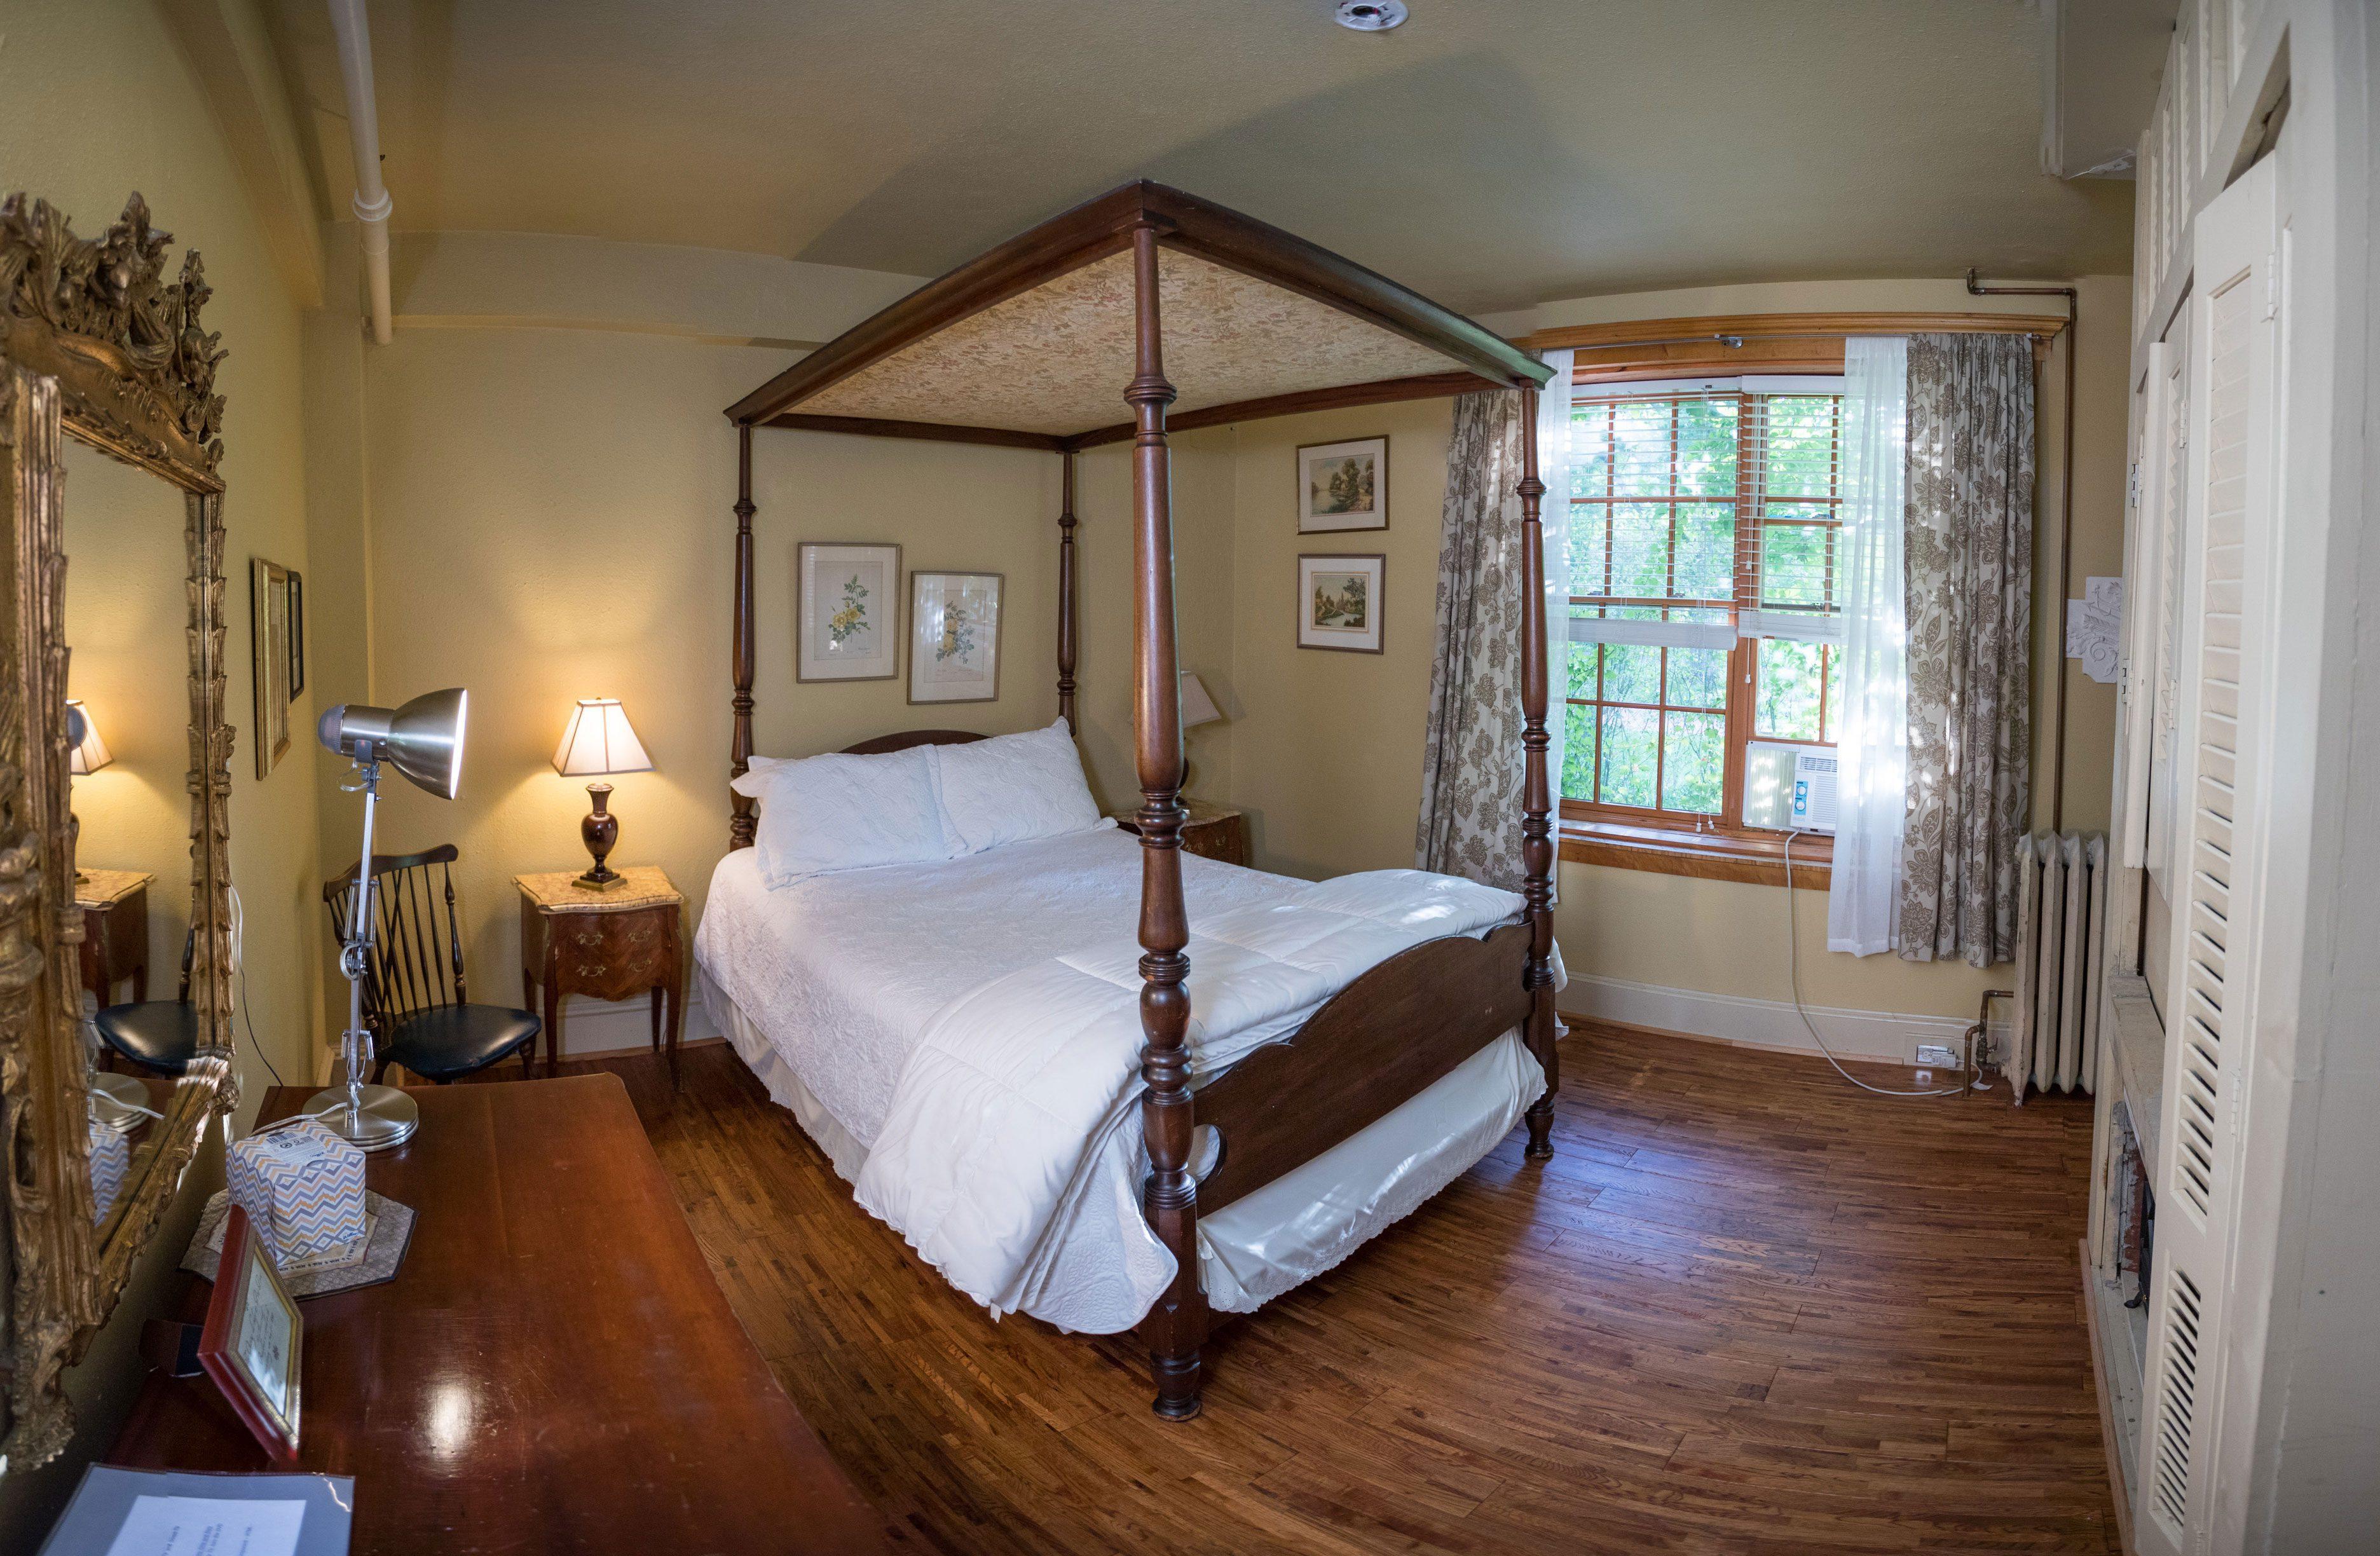 Ameilia Earheart Room - Bed